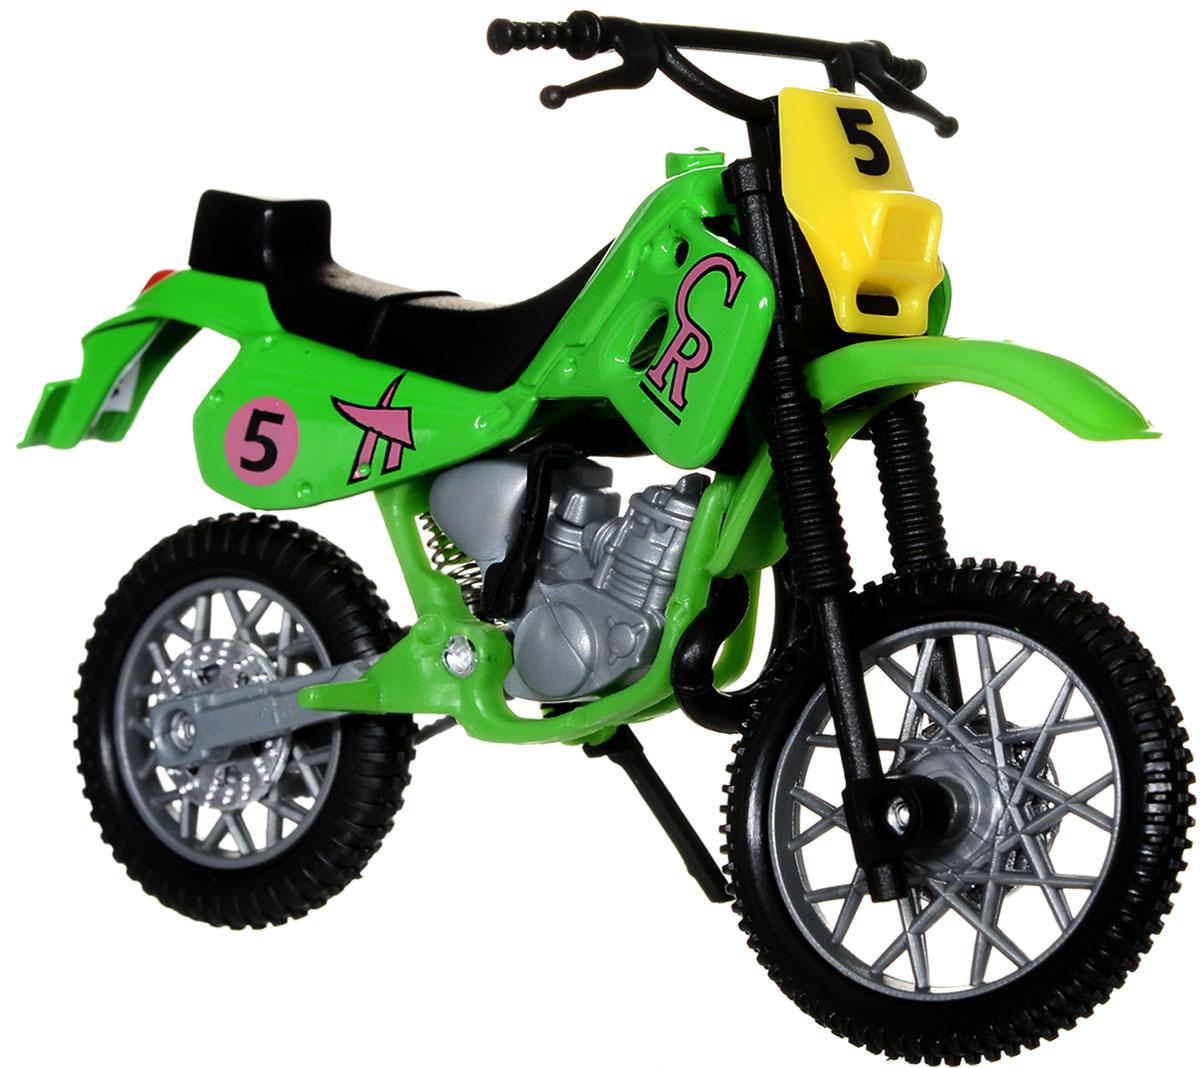 Dickie Toys Кроссовый мотоцикл цвет зеленый3341004_зеленыйТакой яркий кроссовый мотоцикл Dickie Toys понравится любому ребенку, который сможет с ним не только играть, но и сделать его частью своей коллекции. У игрушечного мотоцикла поворачивается руль, имеется подставка, благодаря которой он может стоять, а также свободно вращающиеся резиновые колеса. Реалистичный мотоцикл, выполненный с вниманием к деталям, станет отличным дополнением к автопарку вашего малыша!